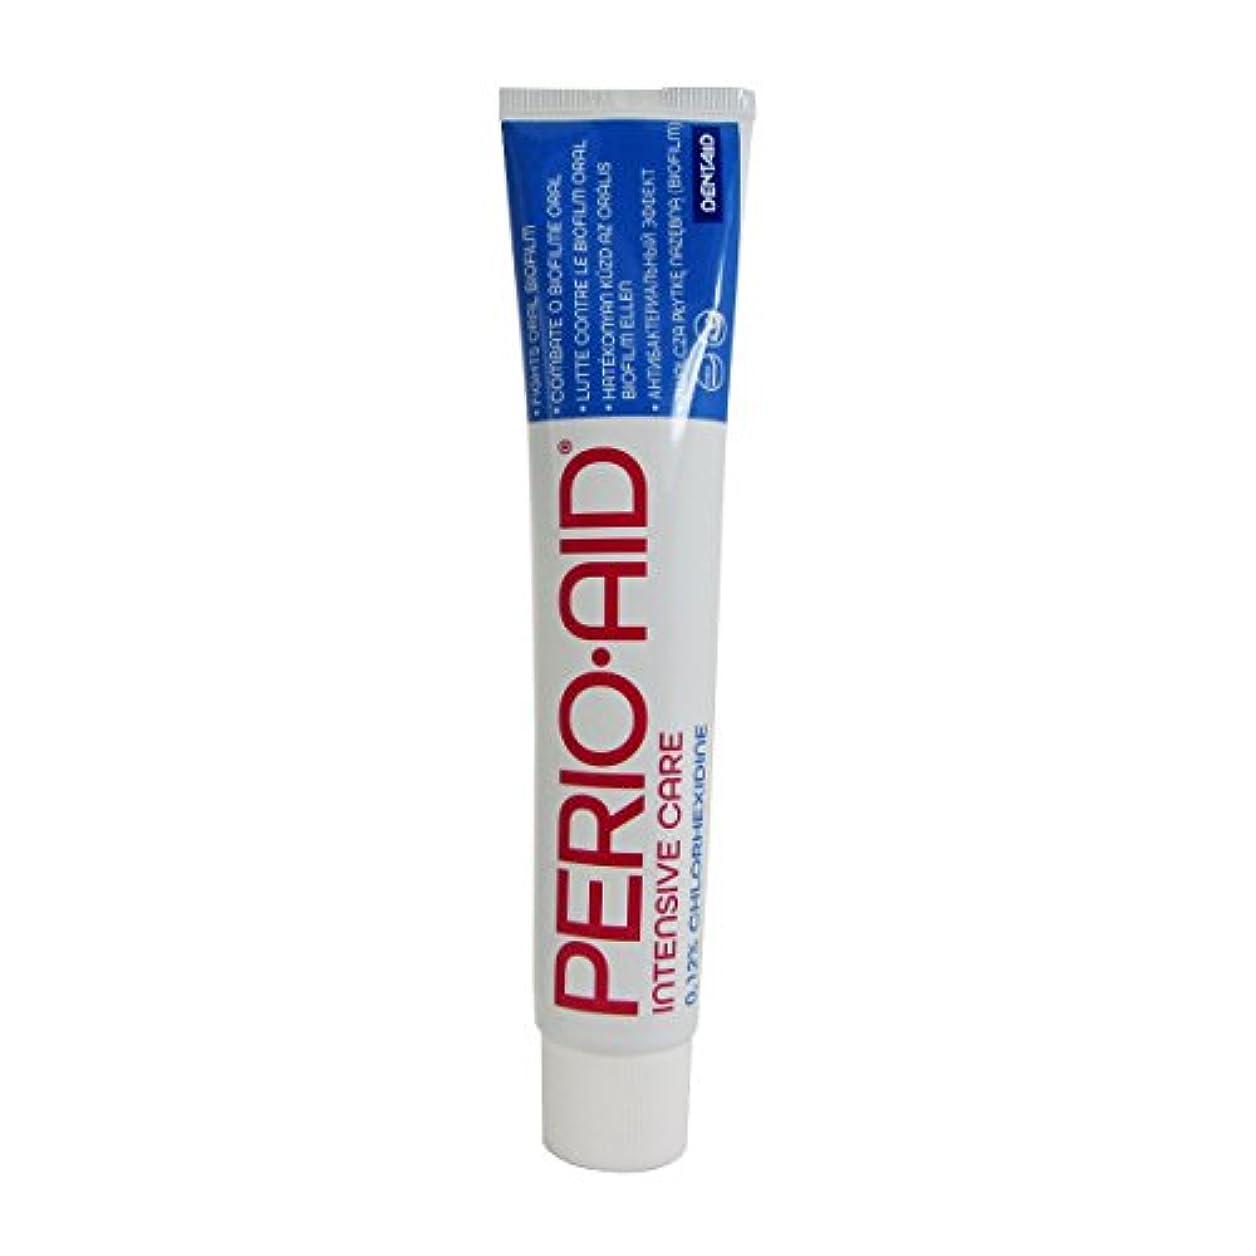 最初カニさせるPerio-aid Treatment Gel Toothpaste 75ml [並行輸入品]